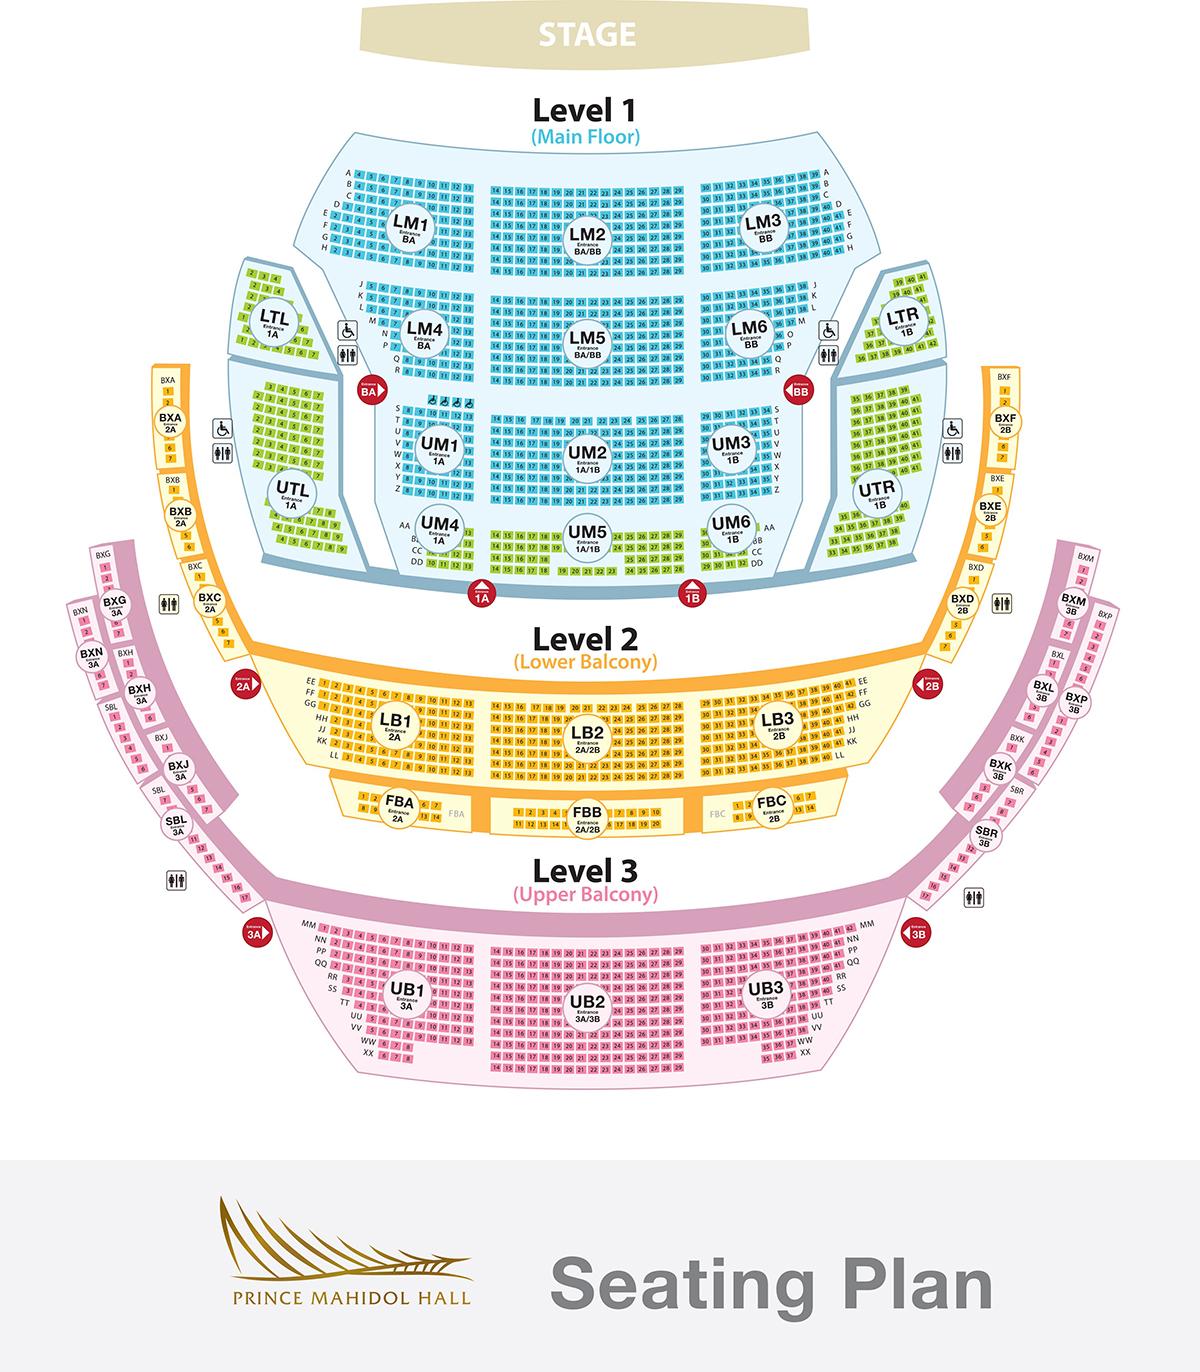 Prince Mahidol Hall Seating Plan